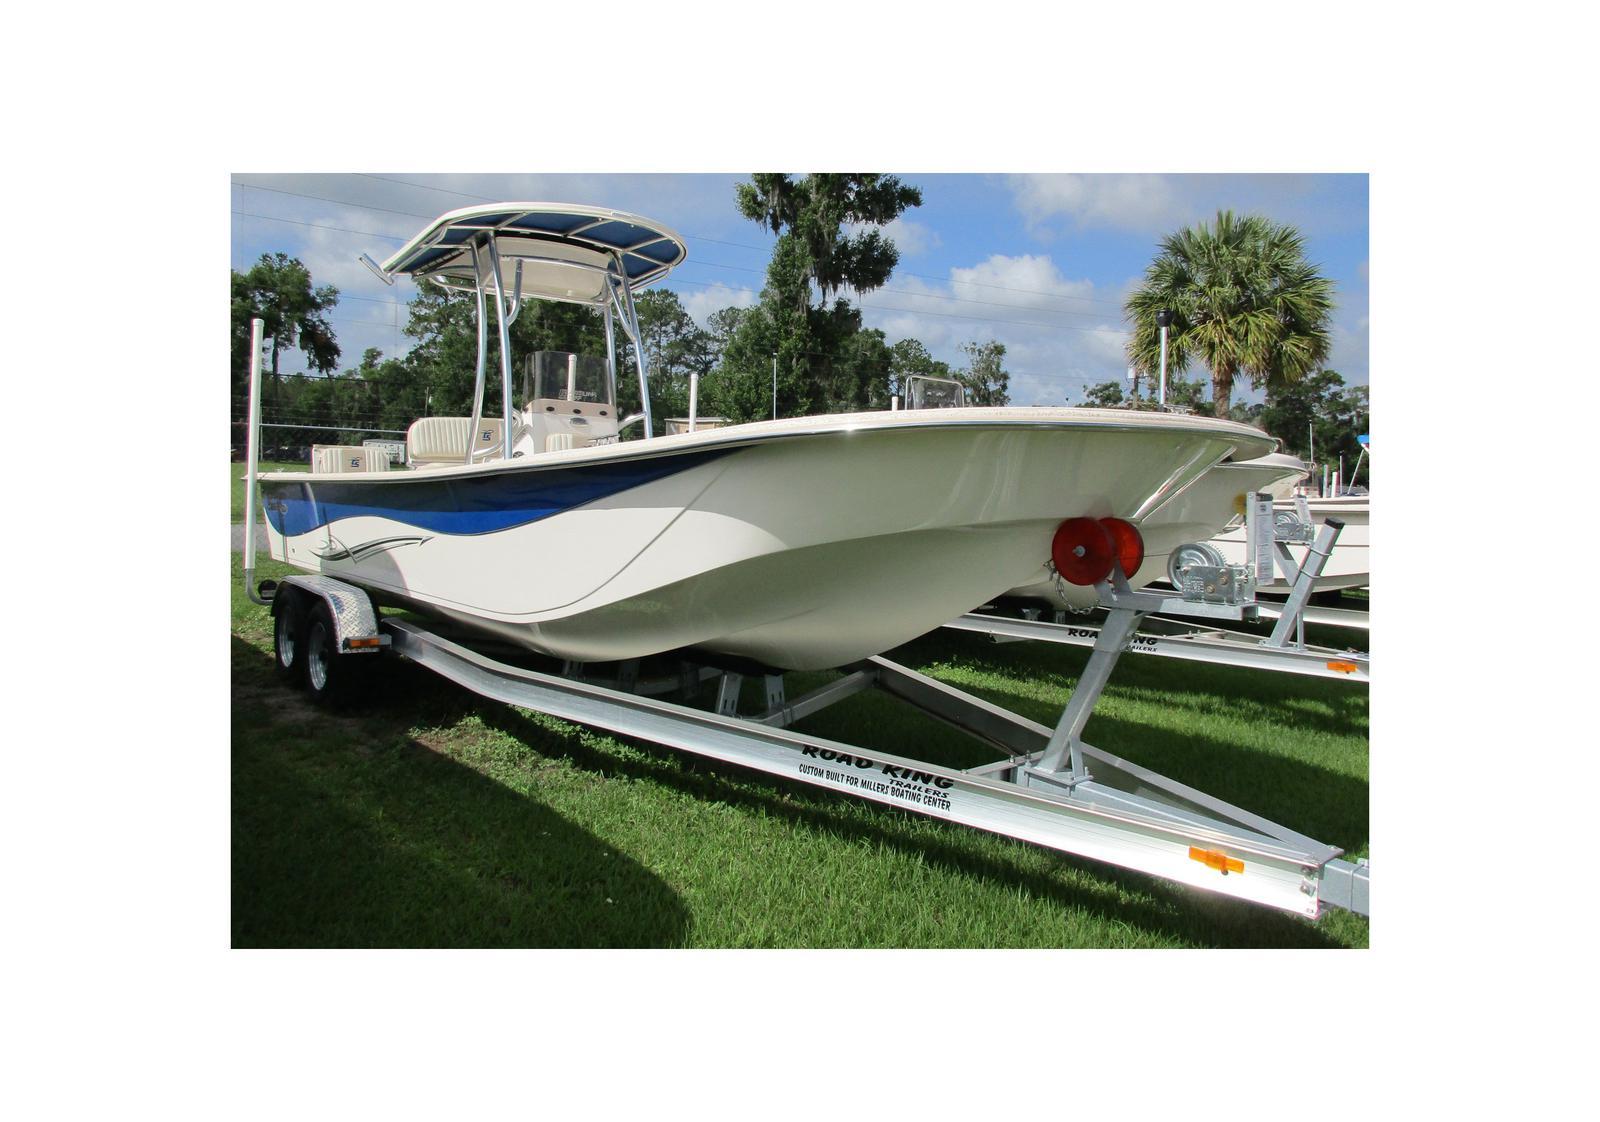 2018 Carolina Skiff 258 DLV for sale in Ocala, FL | Millers Boating Center  (877) 898-1474